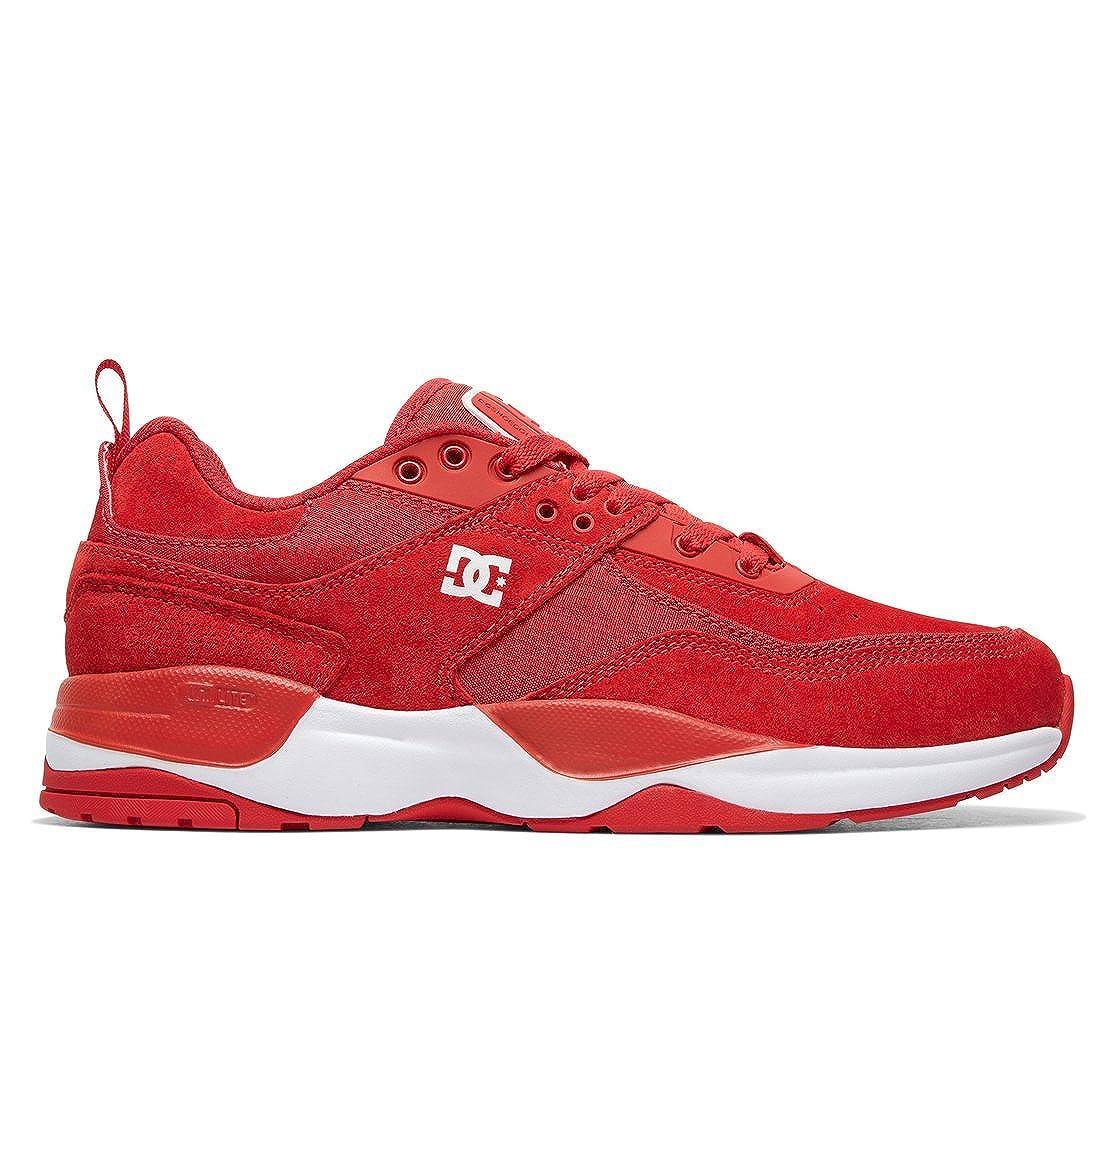 chaussures de sport 8c0d1 b0518 E.Tribeka chaussures DC rouge - Rouge paniers - ADYS700173 ...